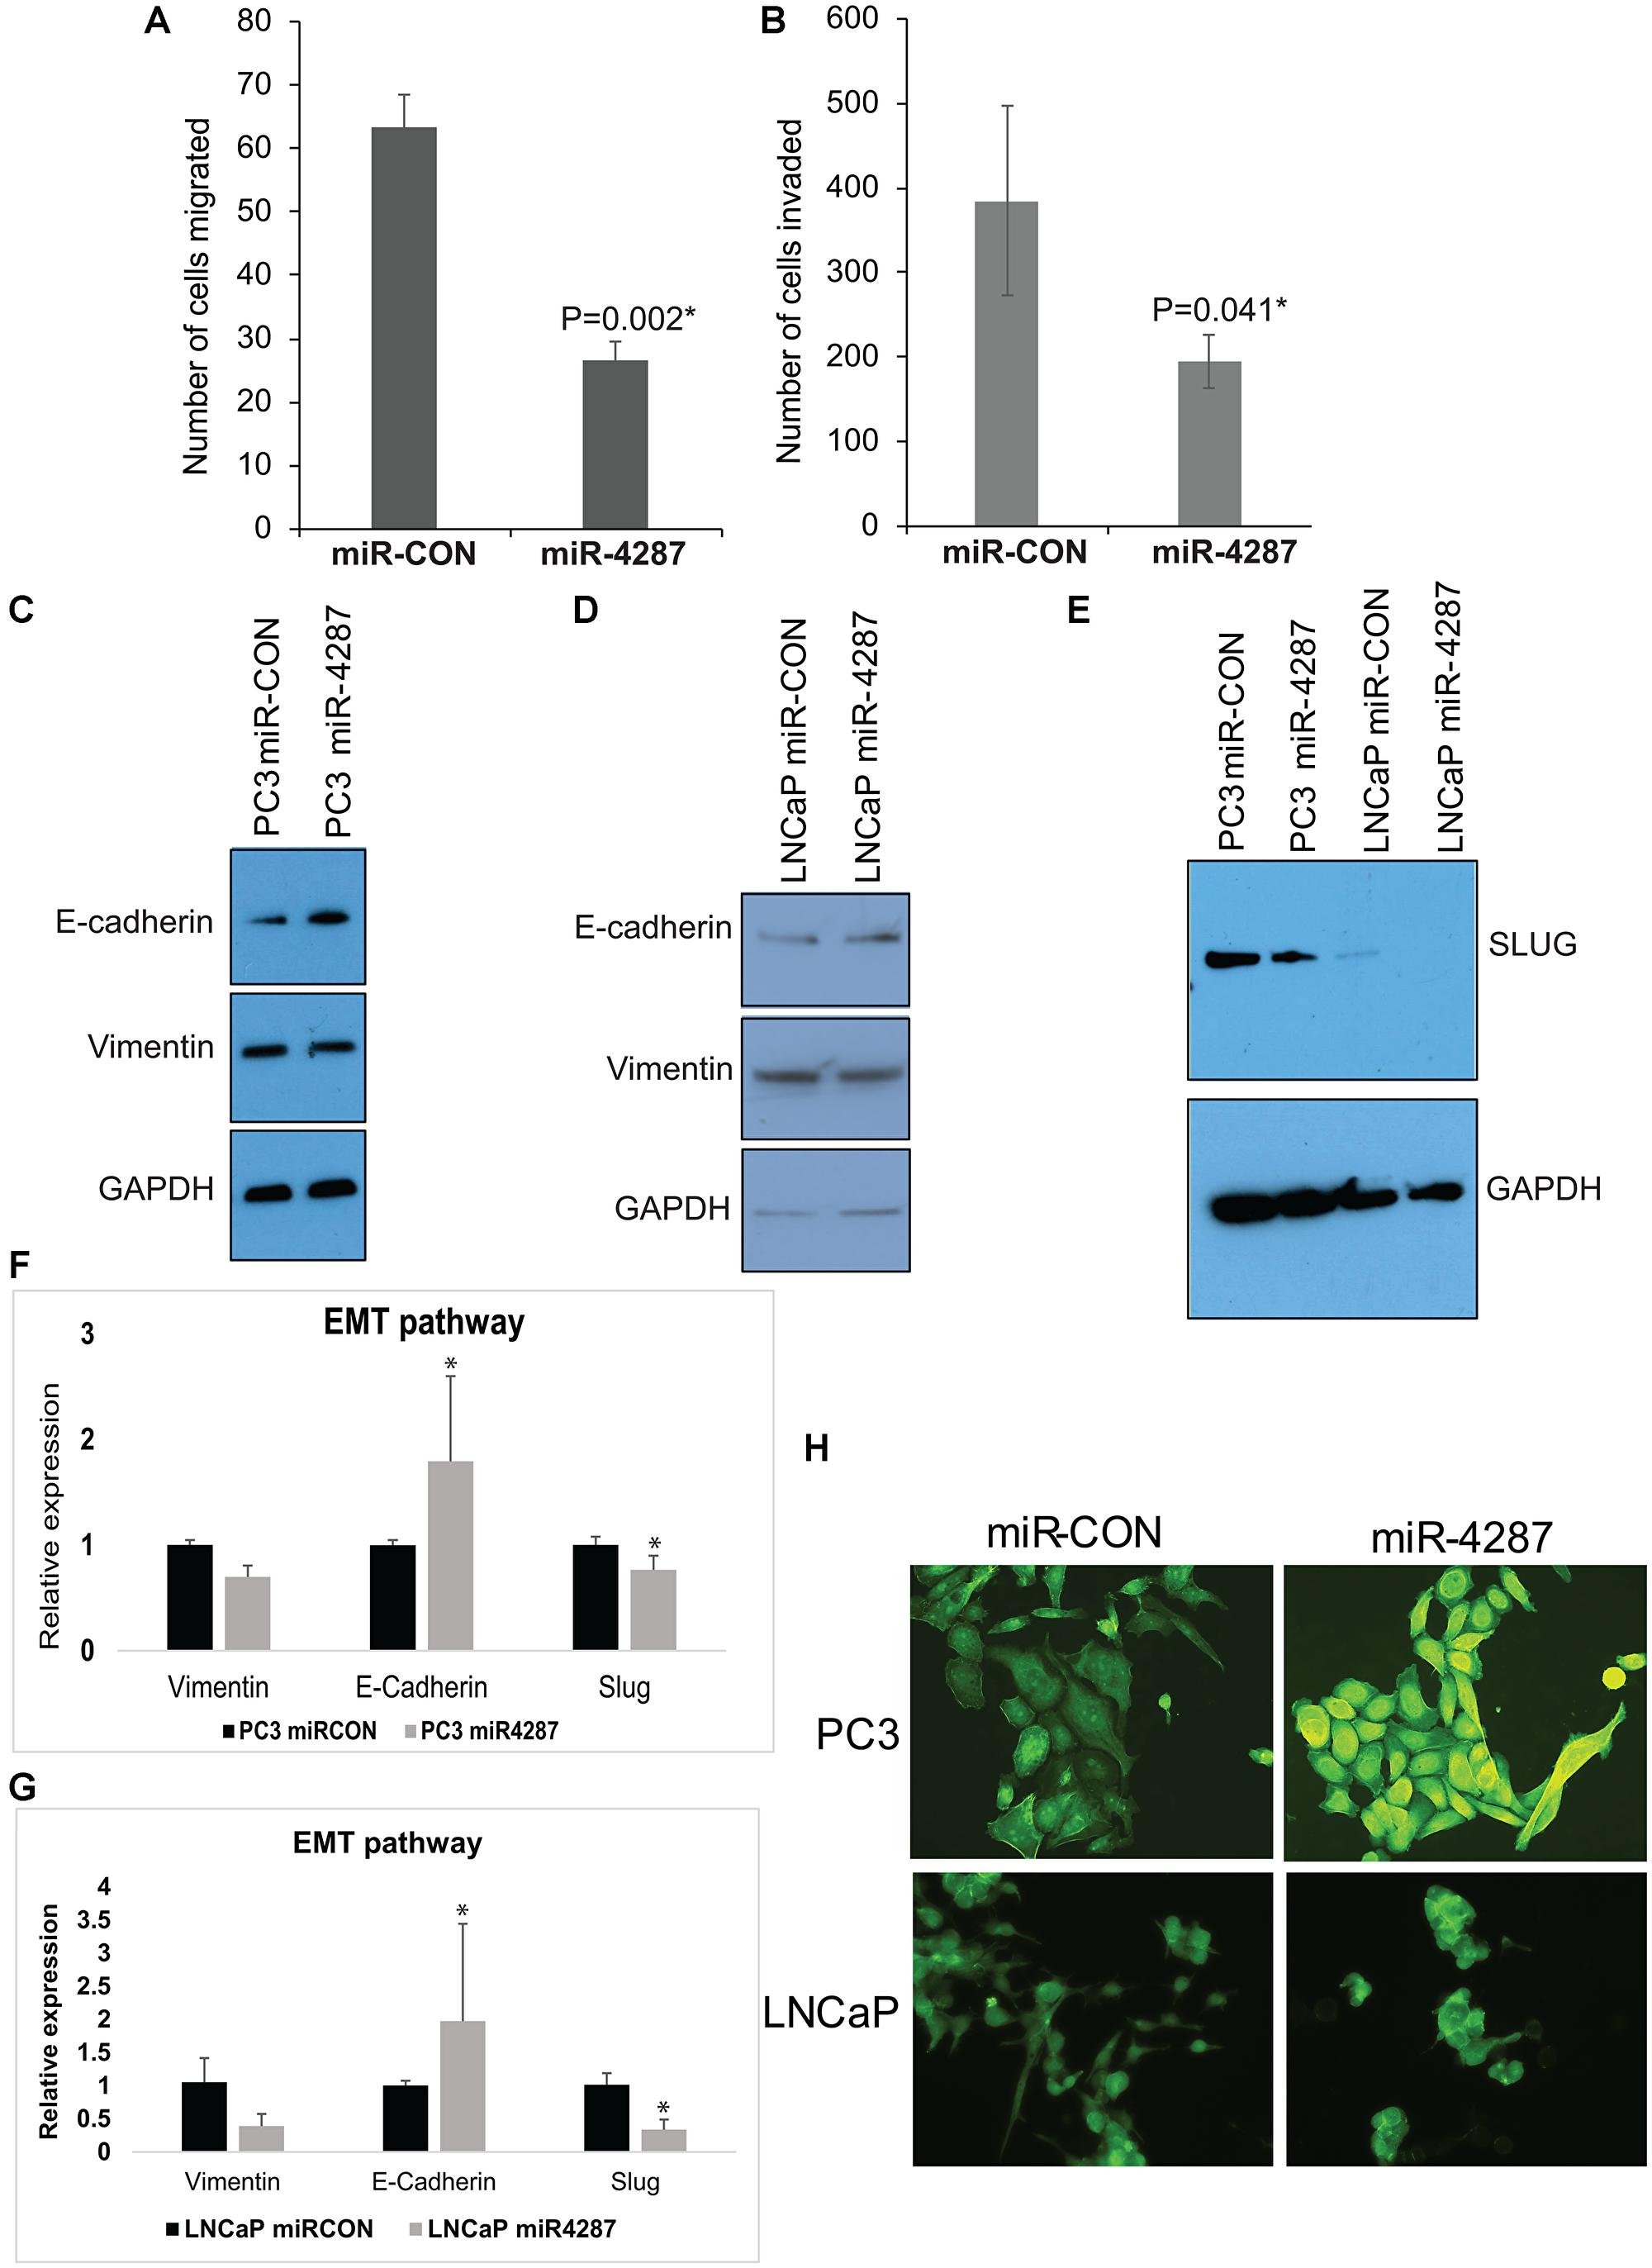 miR-4287 overexpression regulates EMT in prostate cancer cell lines.